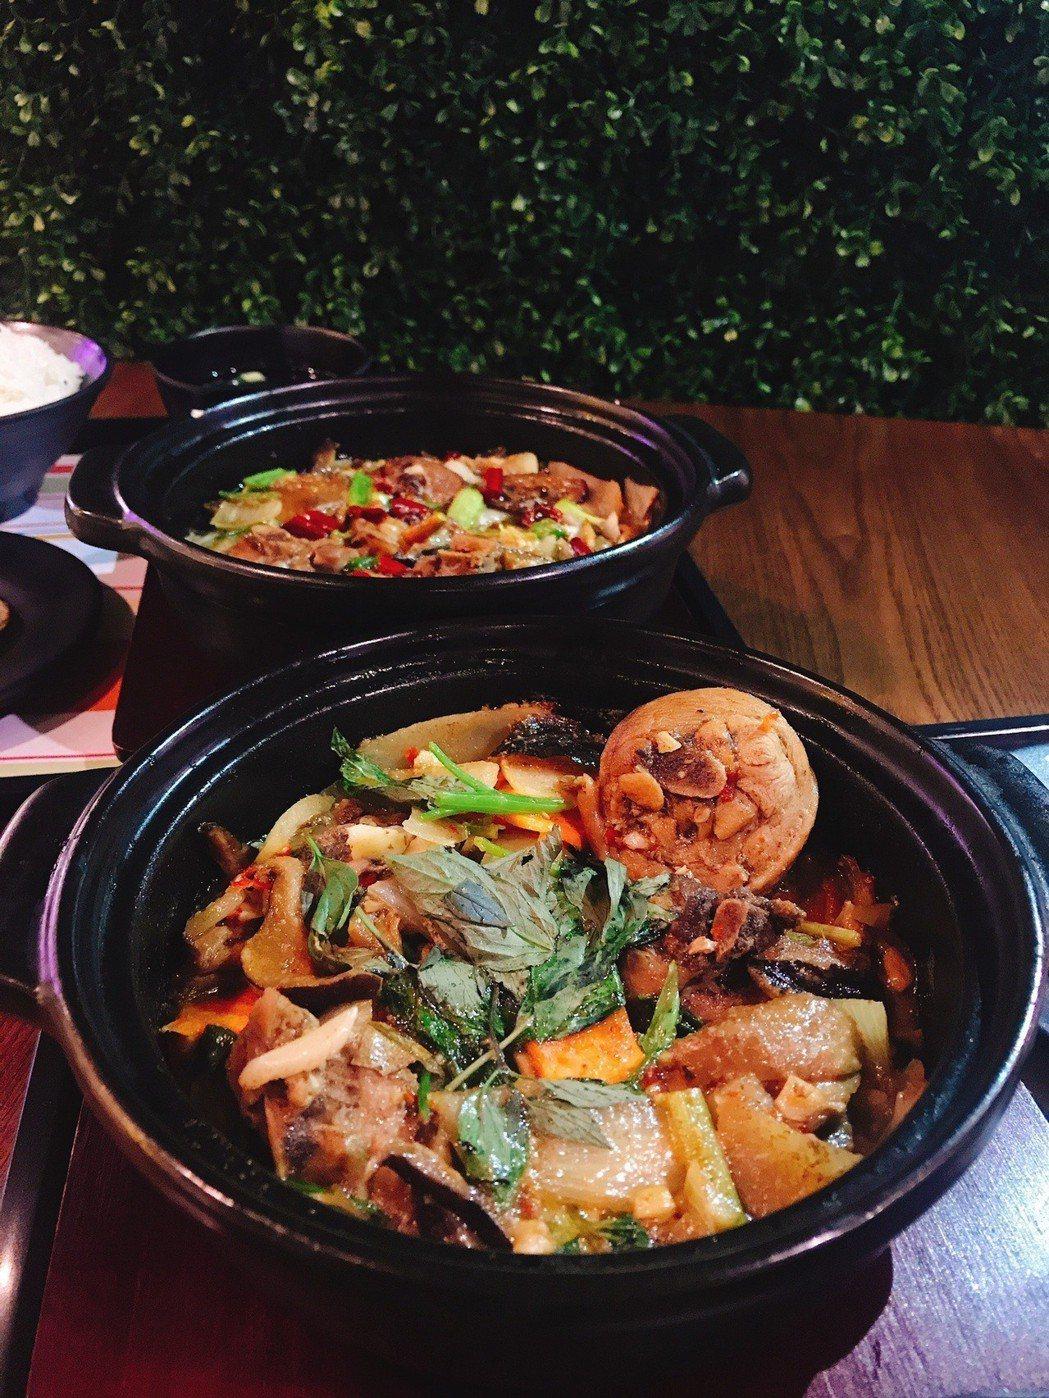 來自山東省正宗經典美食「黃燜雞」,其十多種珍貴中藥材,以砂鍋高溫燉滷,讓雞腿肉猶...